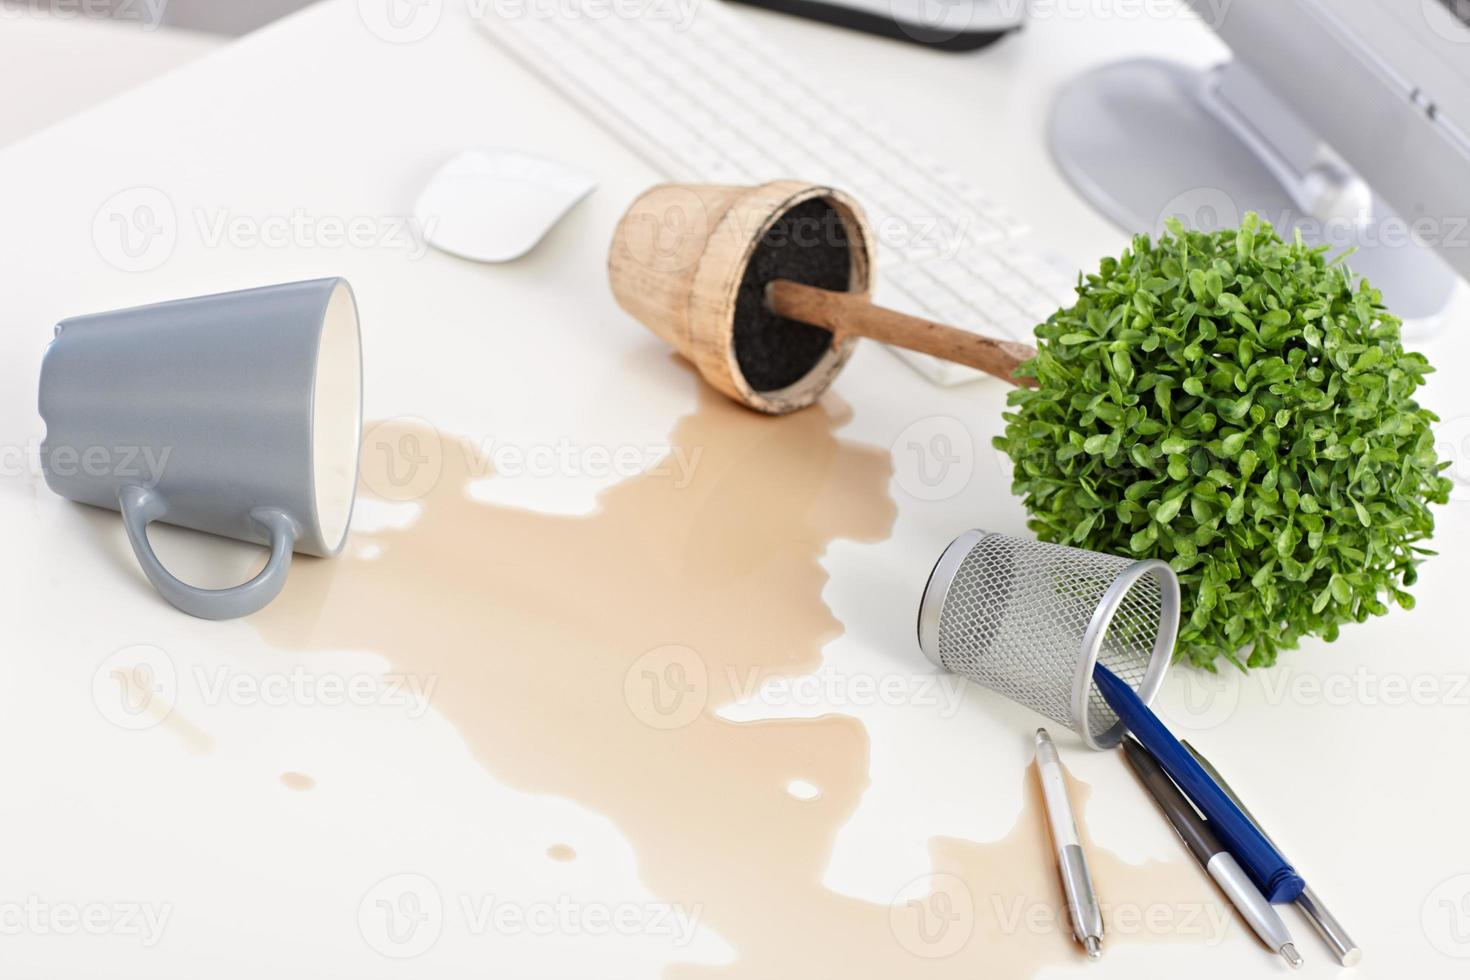 pianta rovesciata e versato caffè sulla scrivania foto